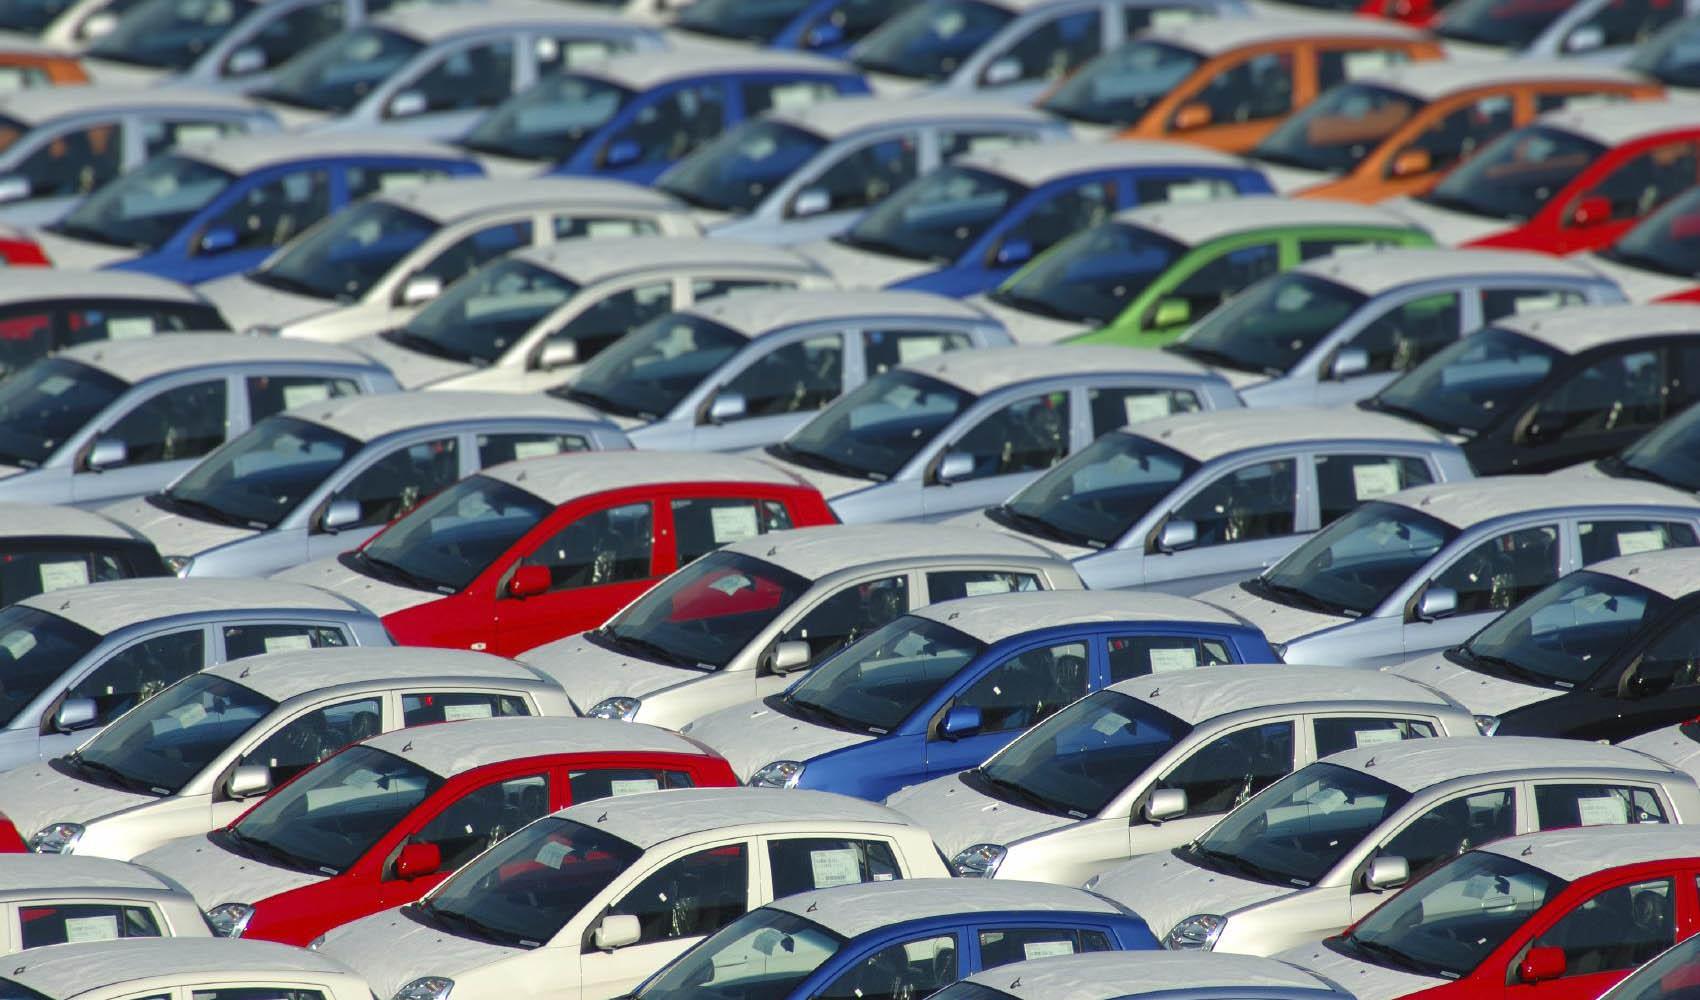 گمرک شرایط ترخیص خودروهای خارجی دپو شده را اعلام کرد